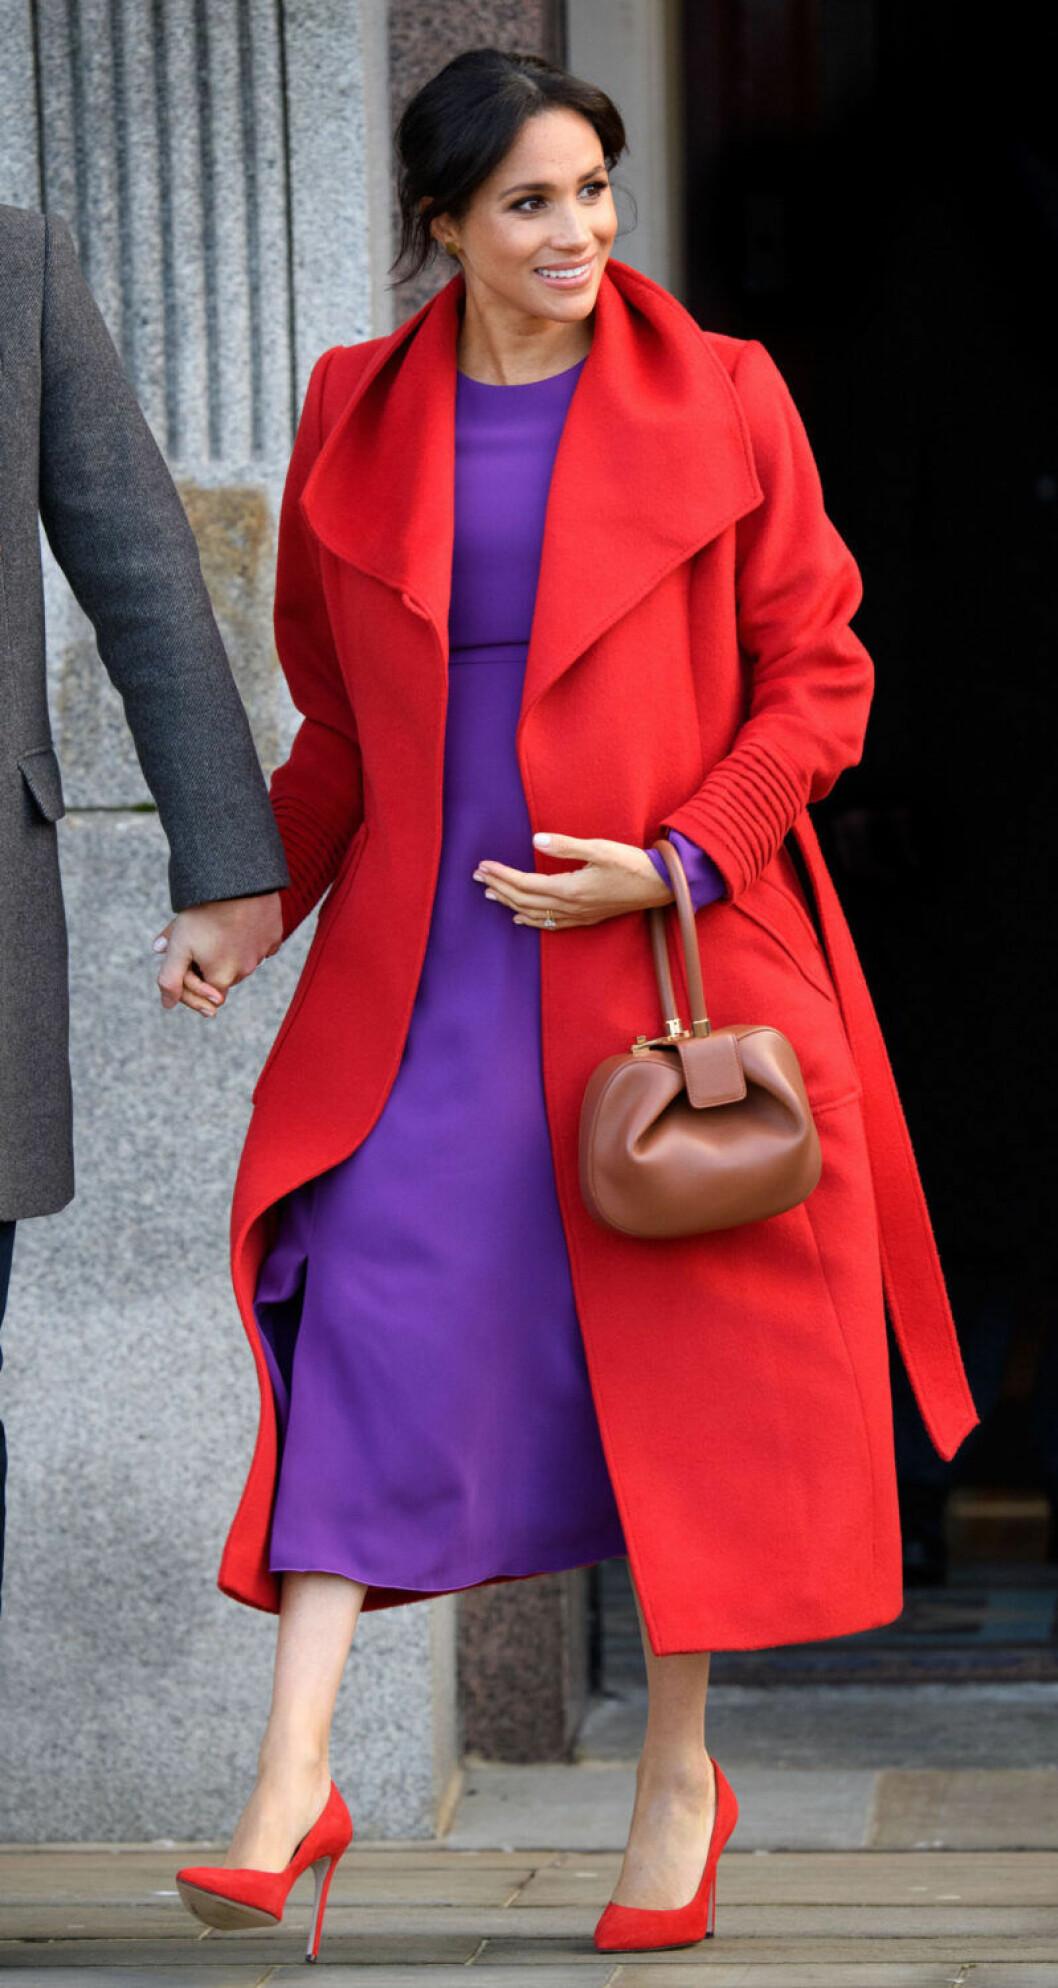 Meghan Markle i lila klänning och röd kappa